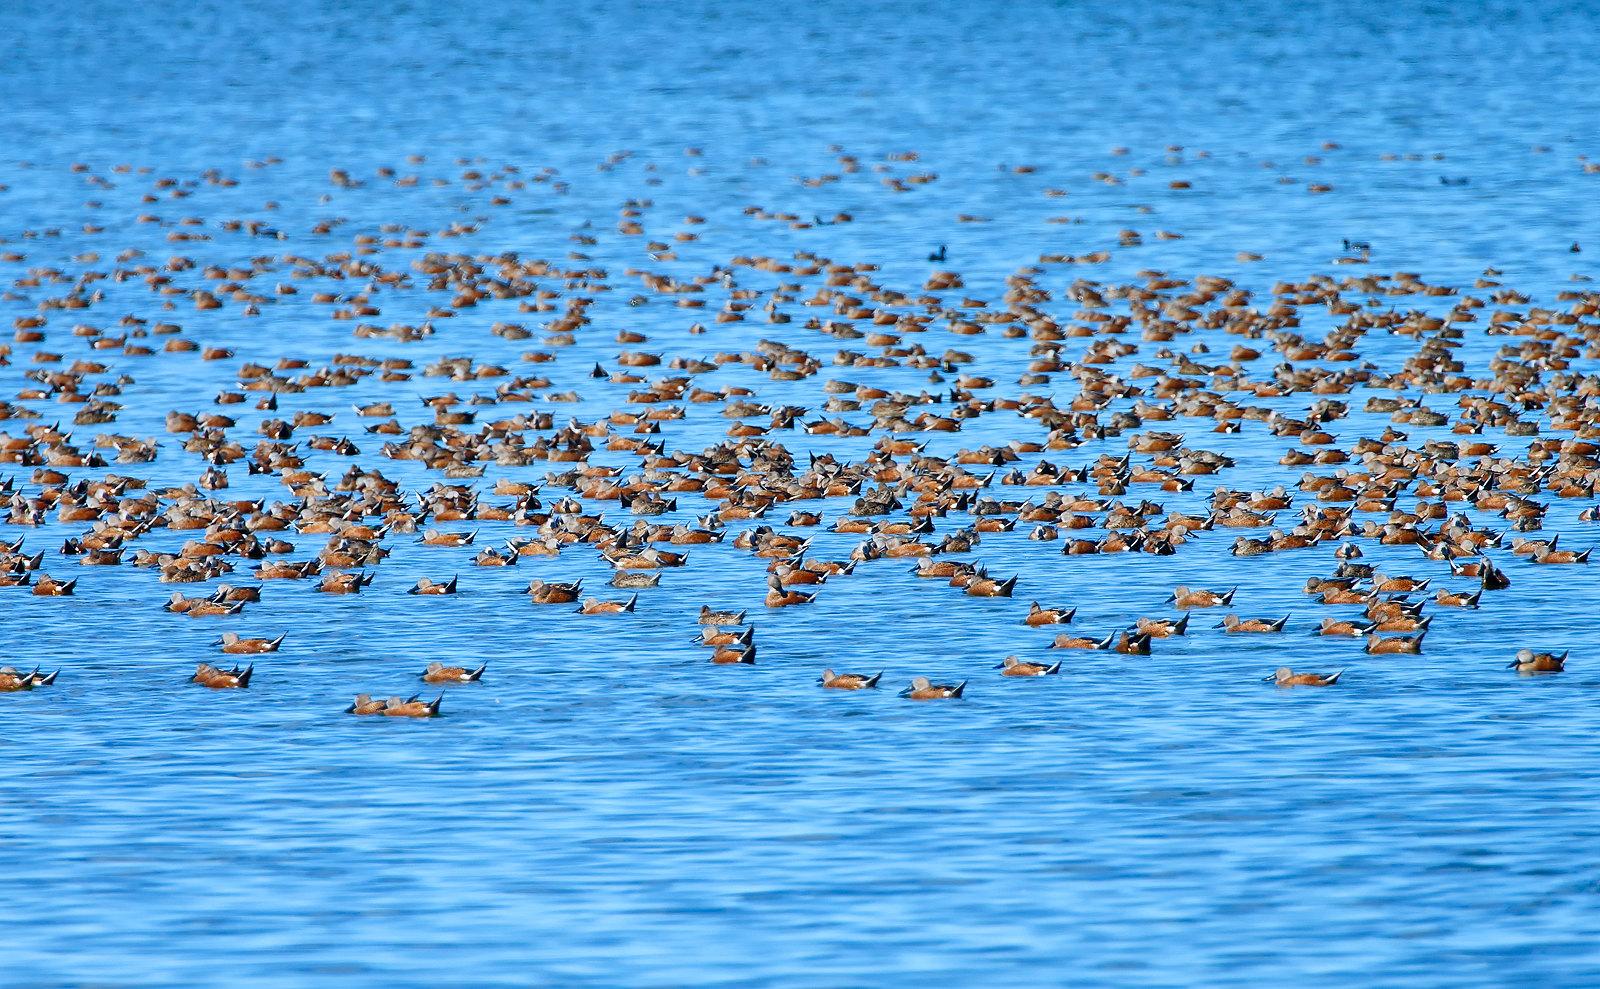 Red Shoveler - part of a flock of c7,500 birds